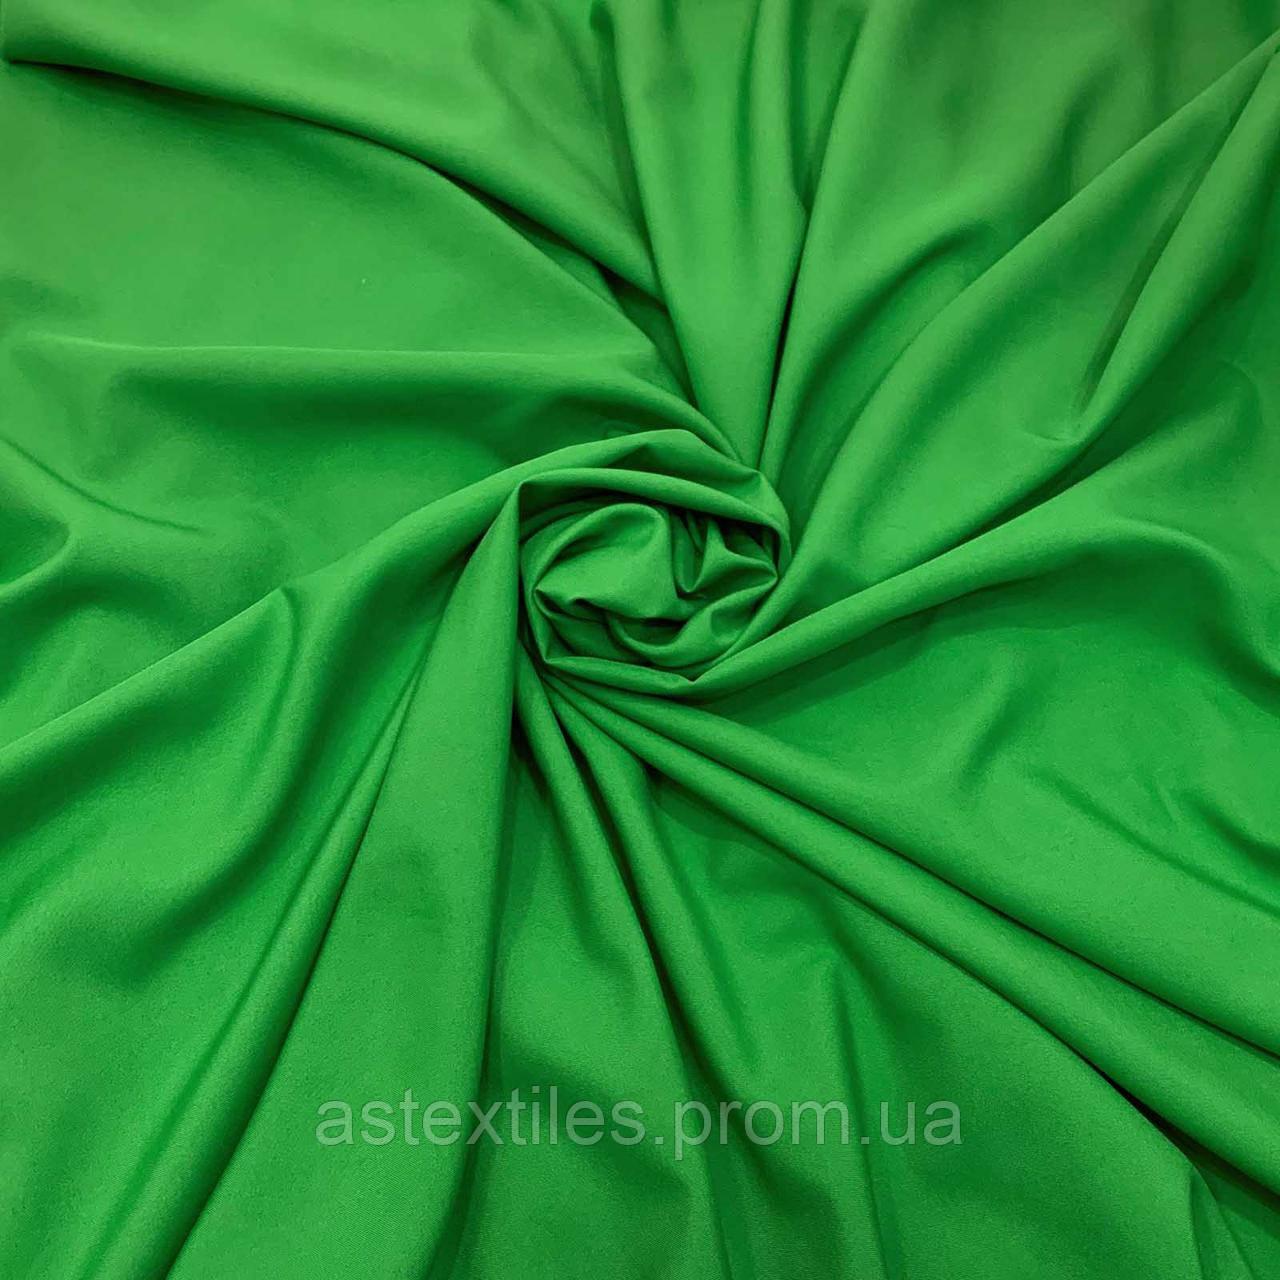 Габардин (світло-зелений)